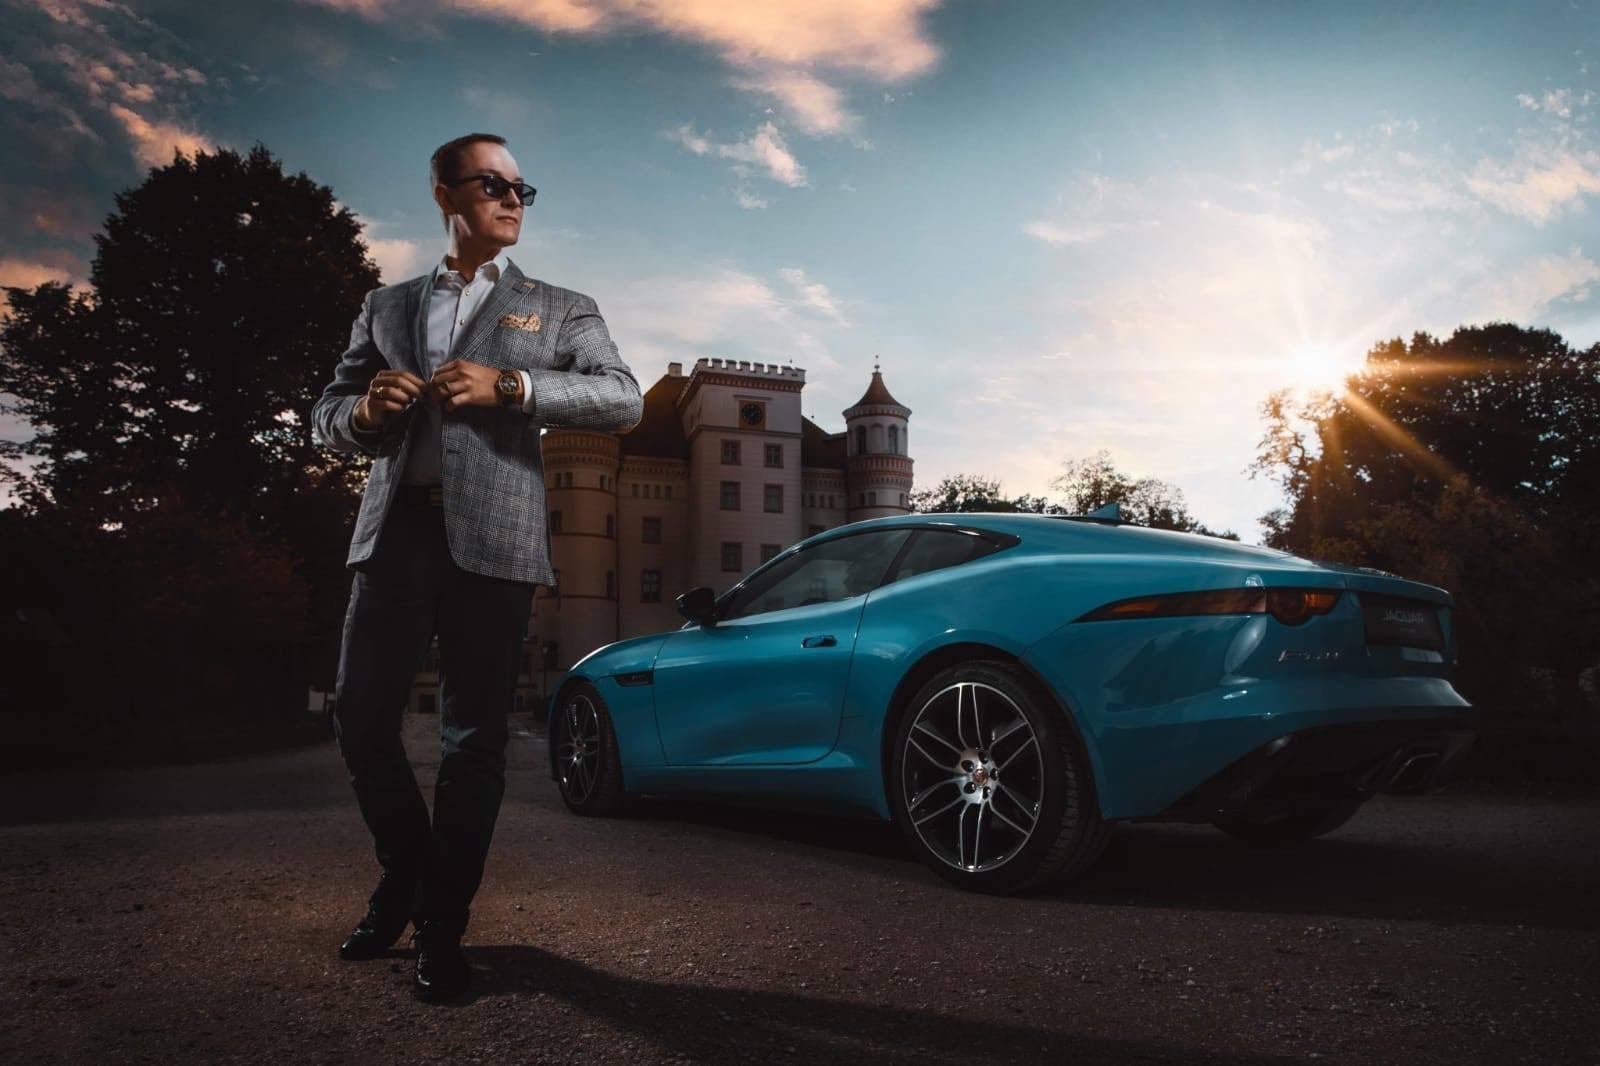 Właściciel pierścienia z jaguarem wysiadający z Jaguara.